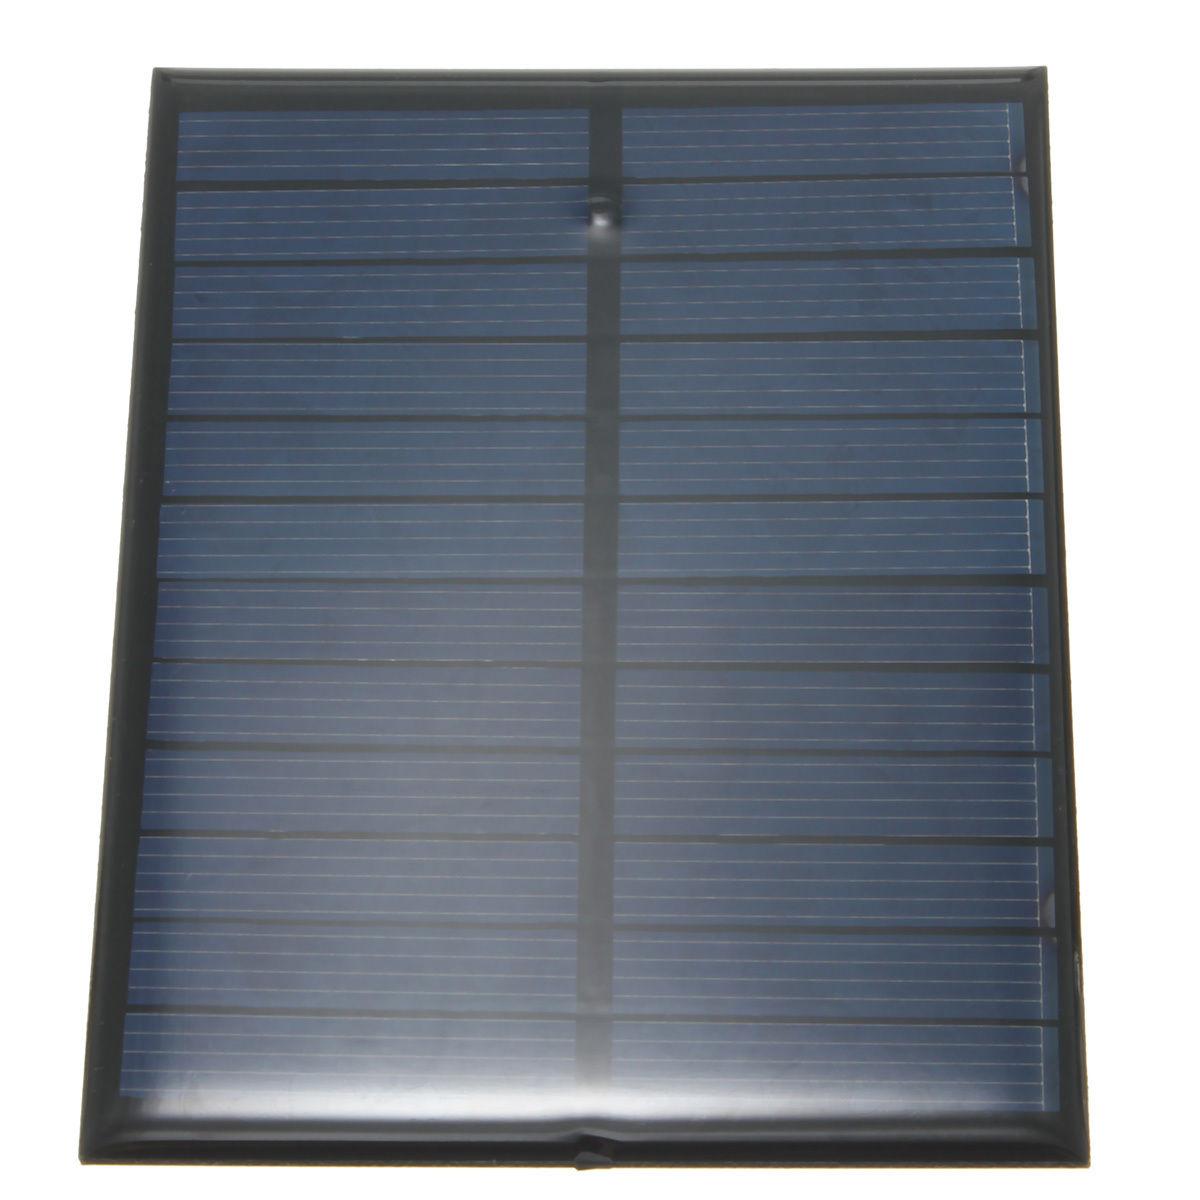 Pannello Solare Per Vw California : V pannello solare fotovoltaico per auto